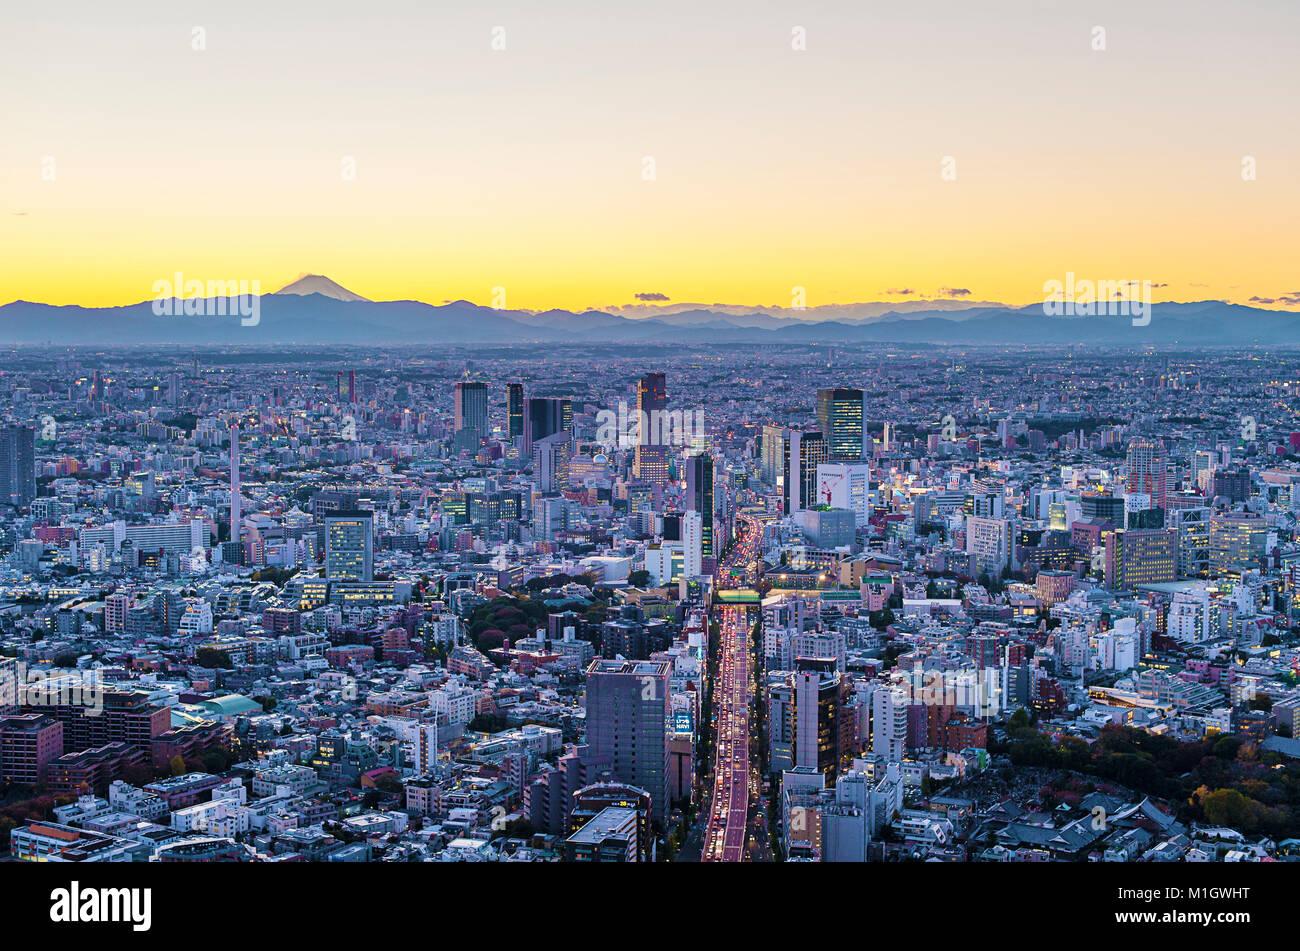 Aerial View Tokyo Japan Mt. Fuji - Stock Image